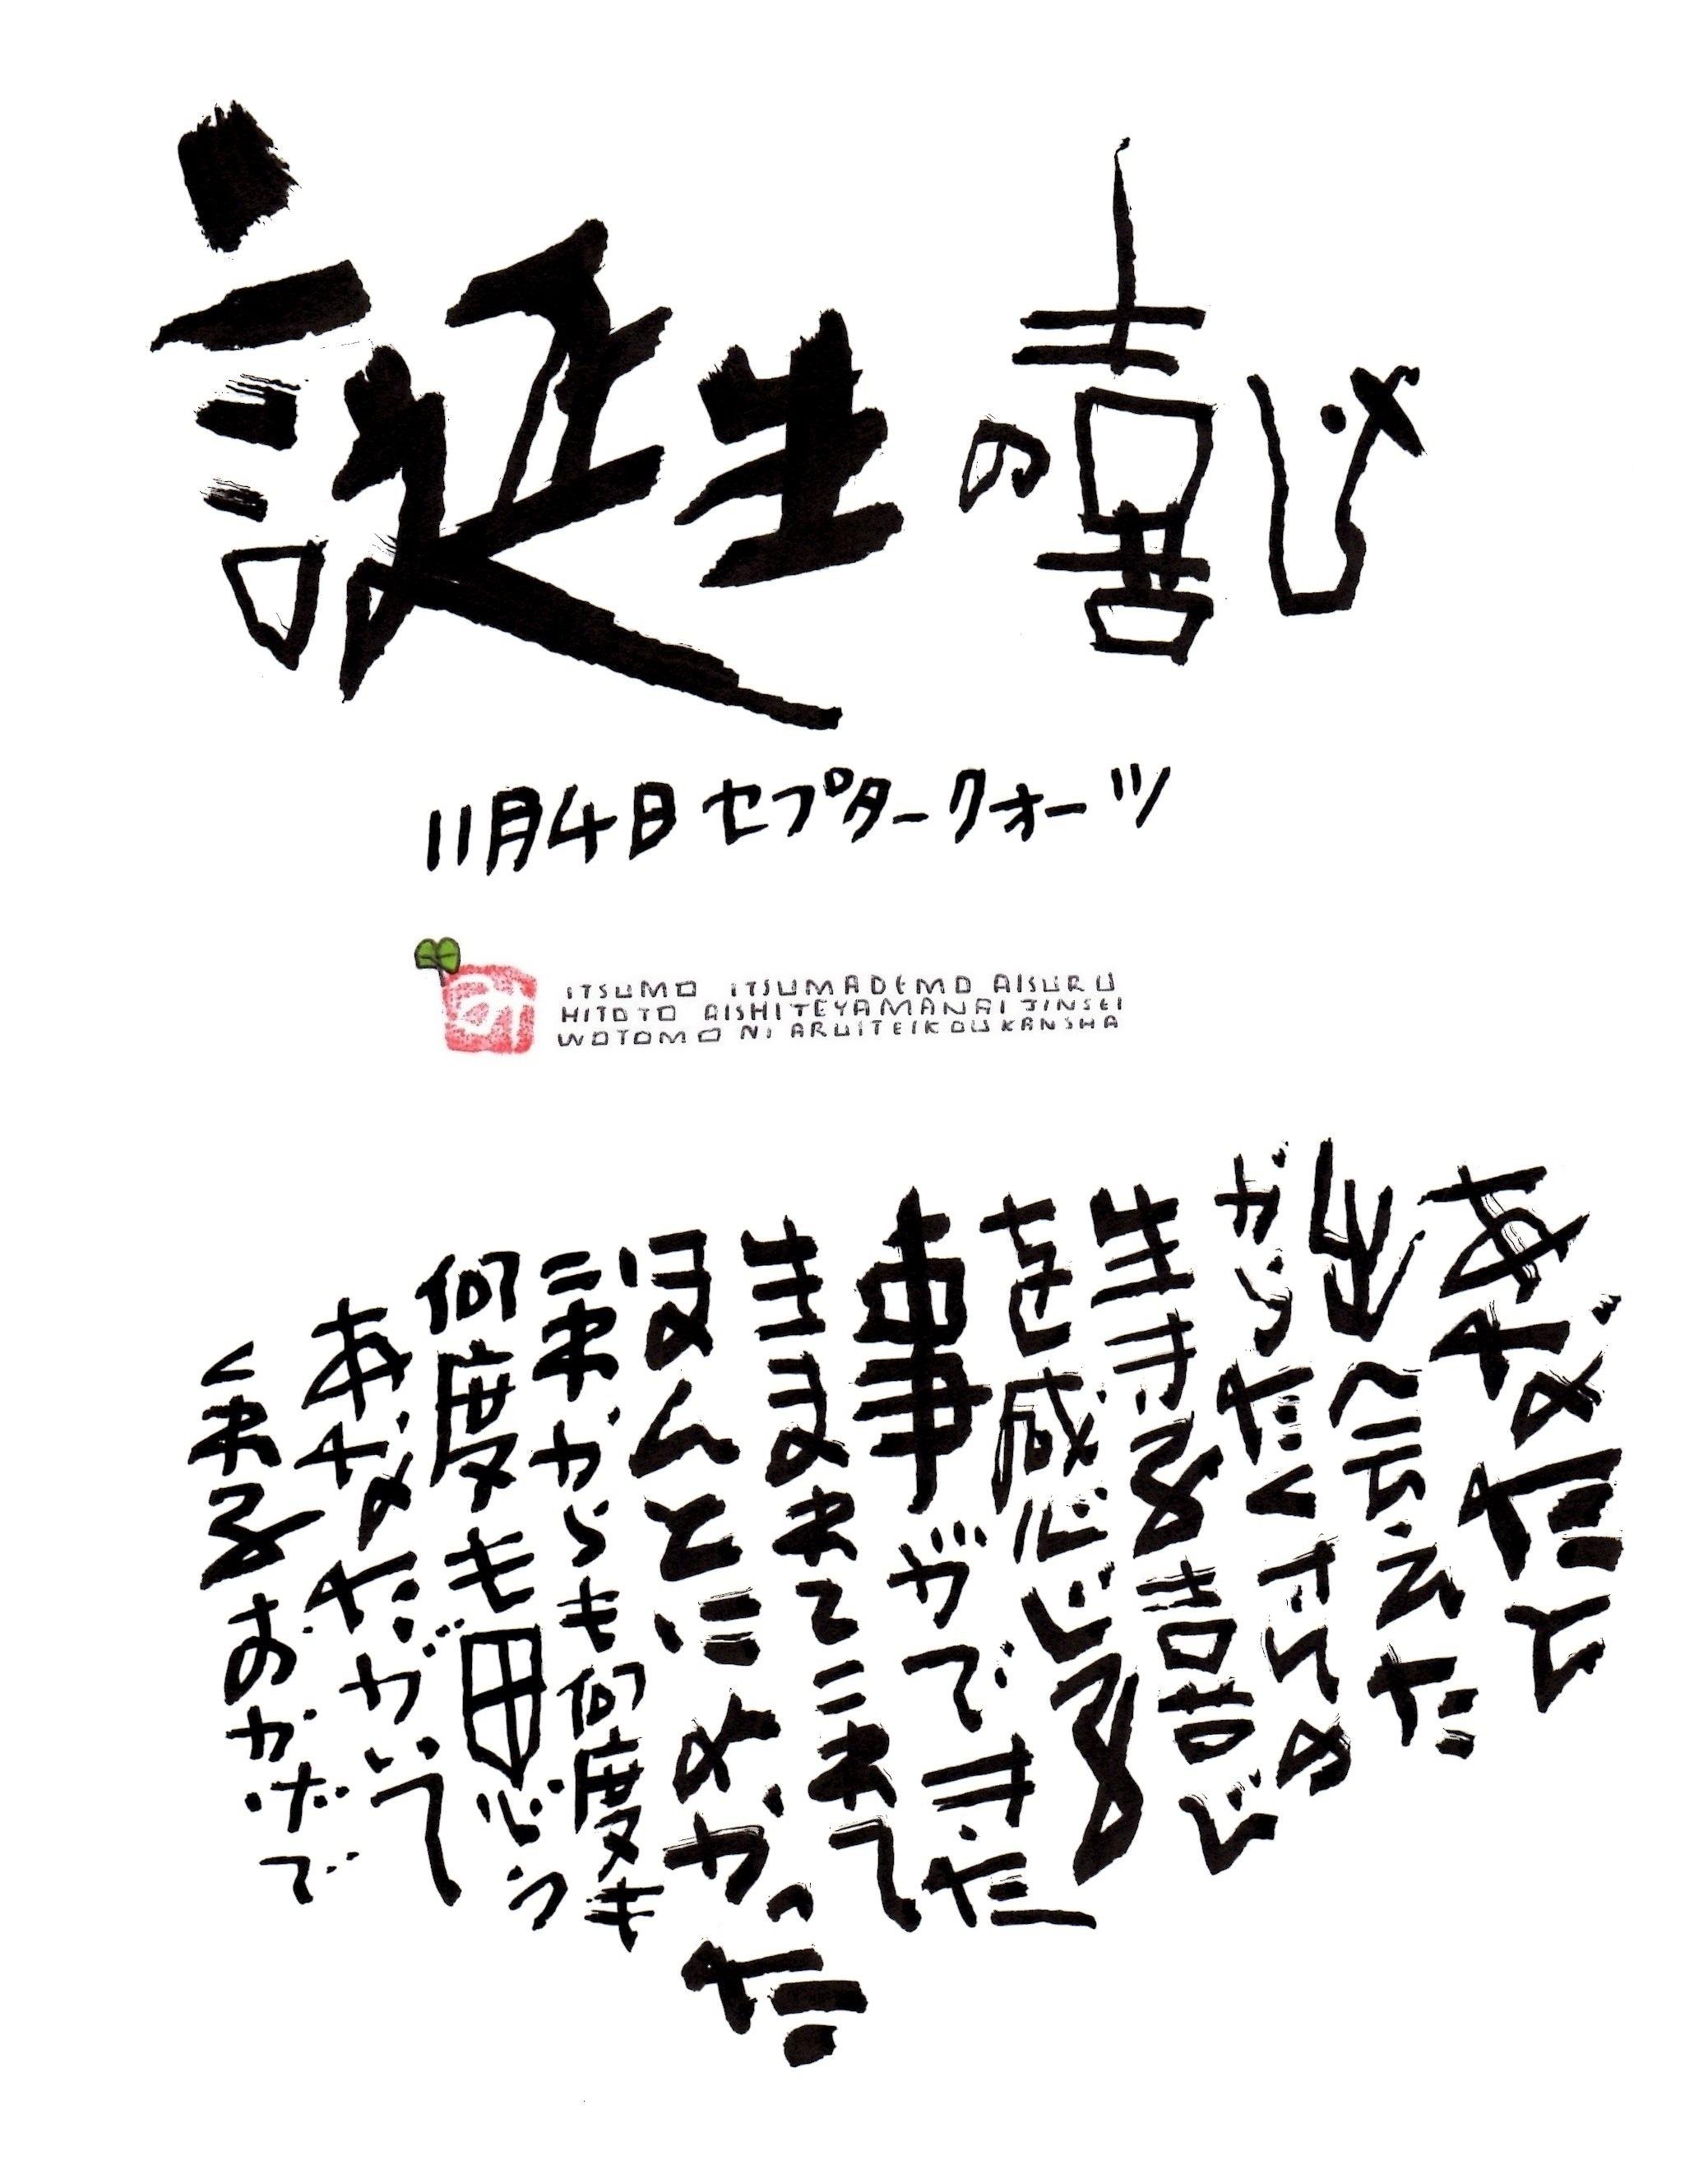 11月4日 結婚記念日ポストカード【誕生の喜び】